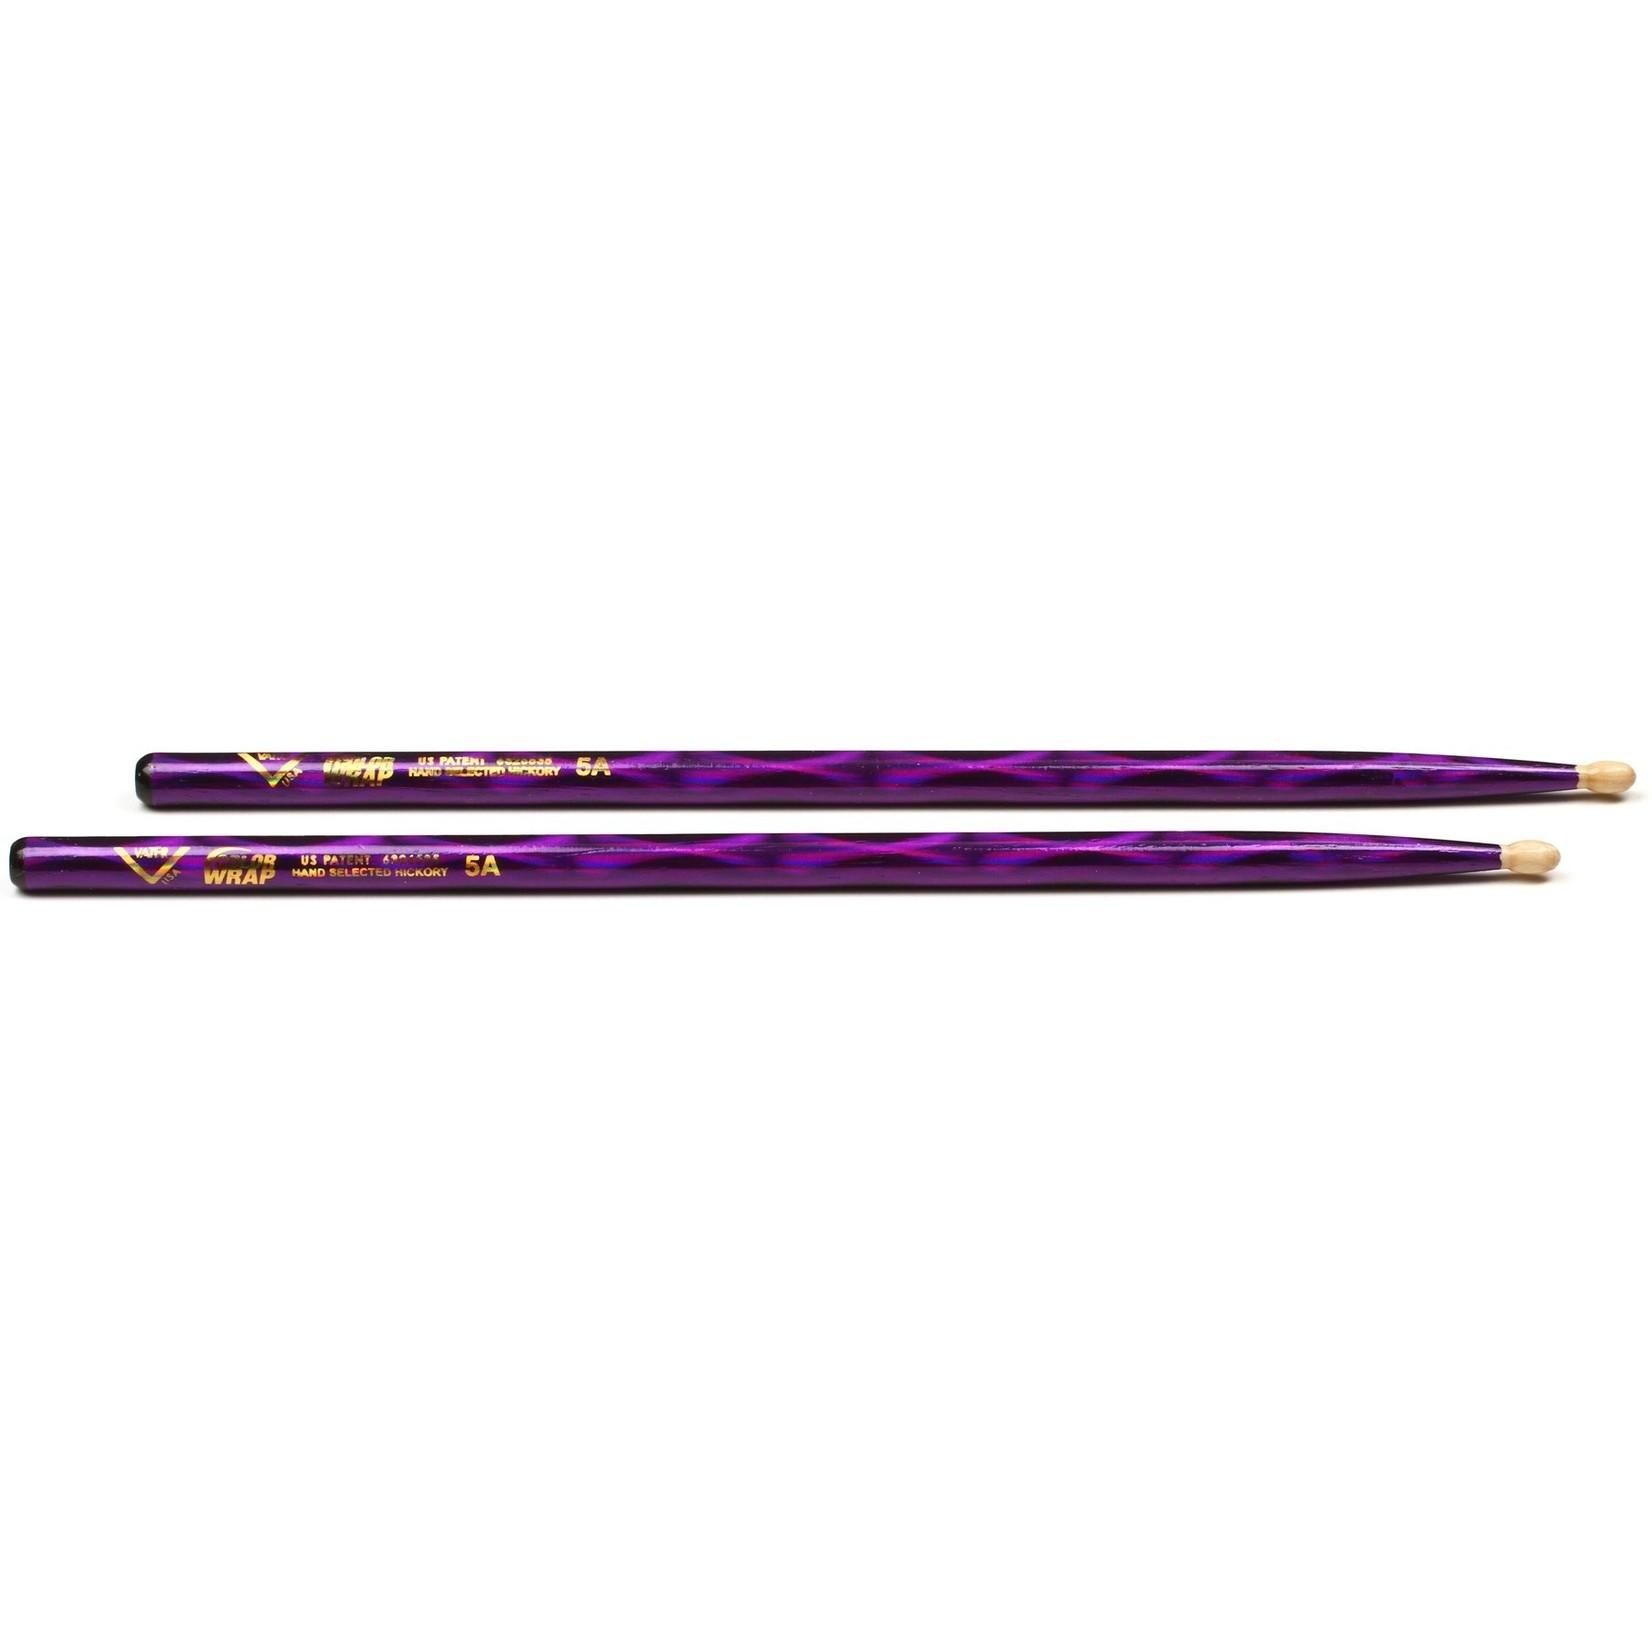 Vater Vater Color Wrap 5A Purple Optic